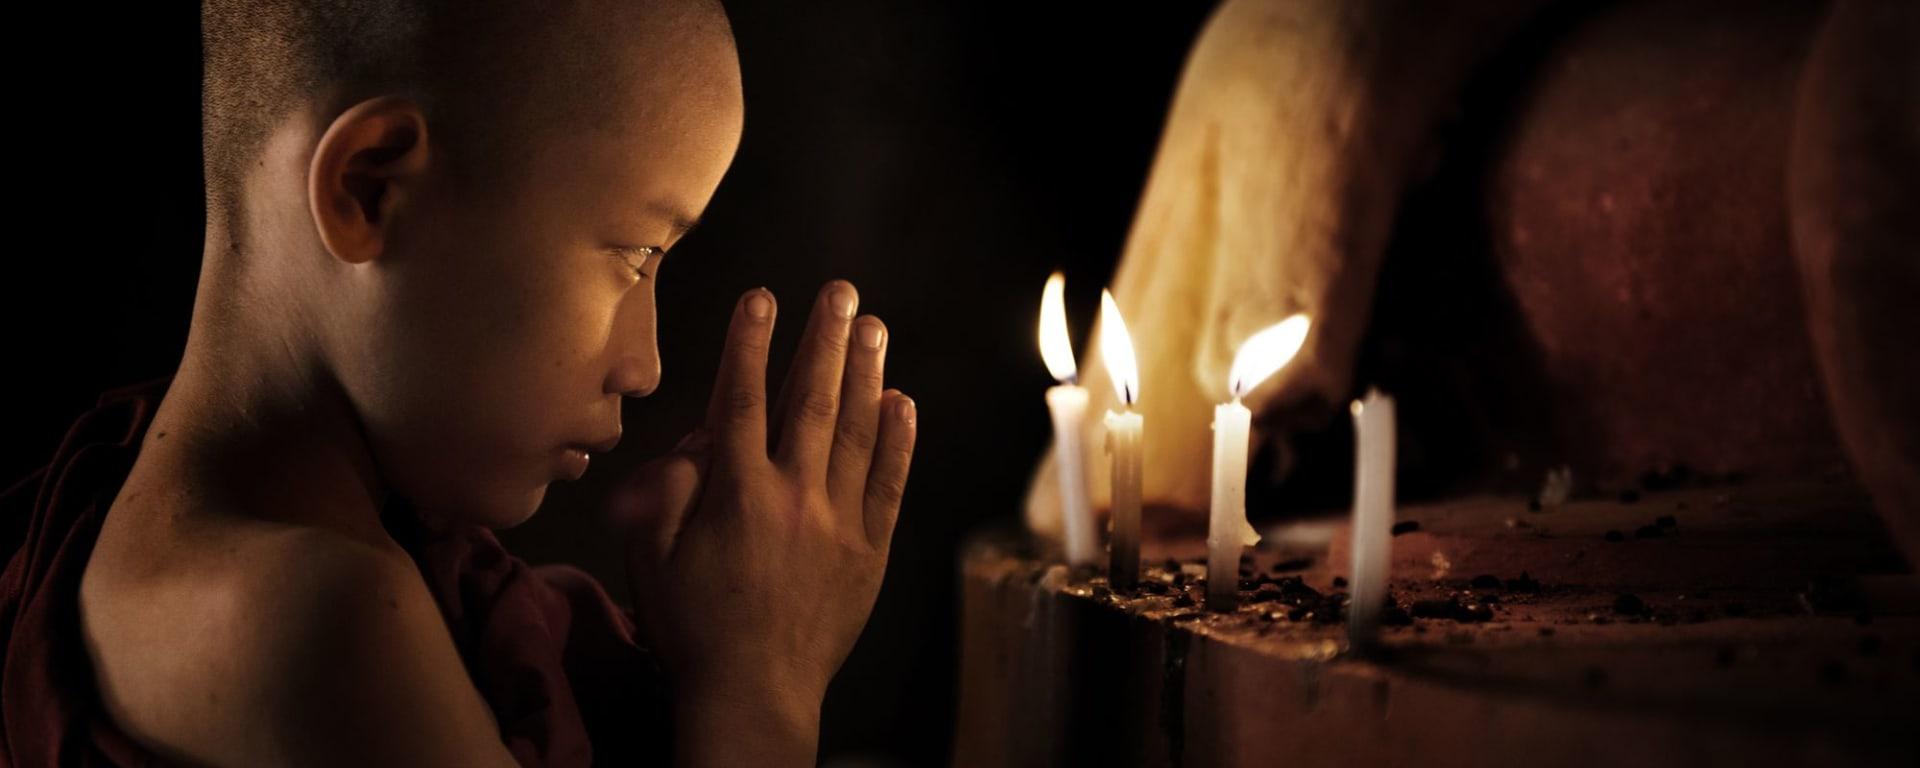 La fascination du Myanmar – un pays en mutation de Yangon: Bagan: young monk